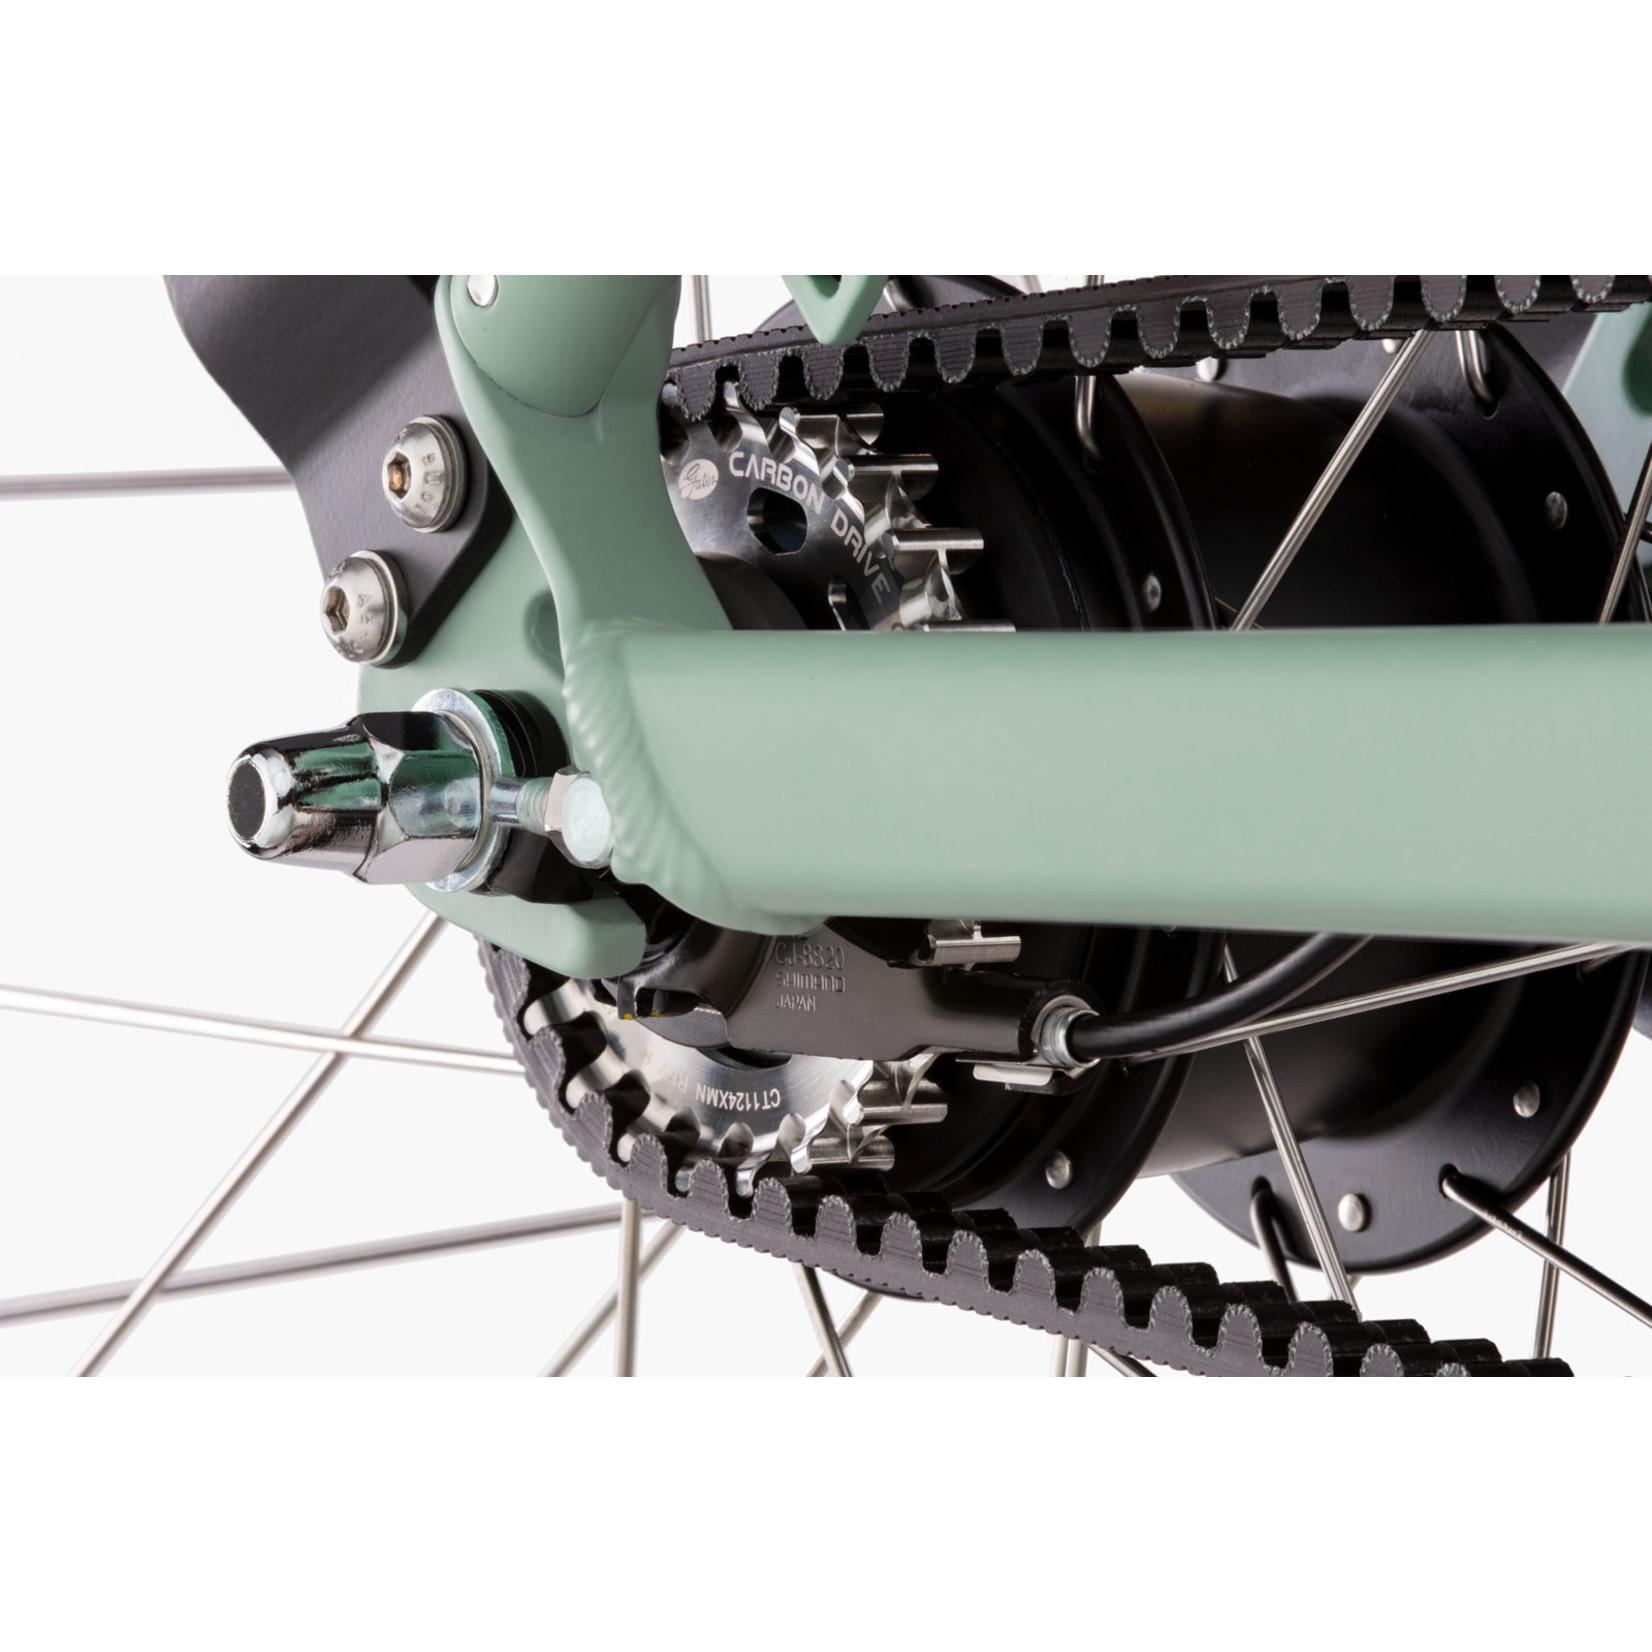 RIESE&MÜLLER RIESE & MÜLLER - Swing3 vario urban - Salvia Matt - 46cm - Korbe delantero e cestini Gepäckträger - 500Wh - enviolo